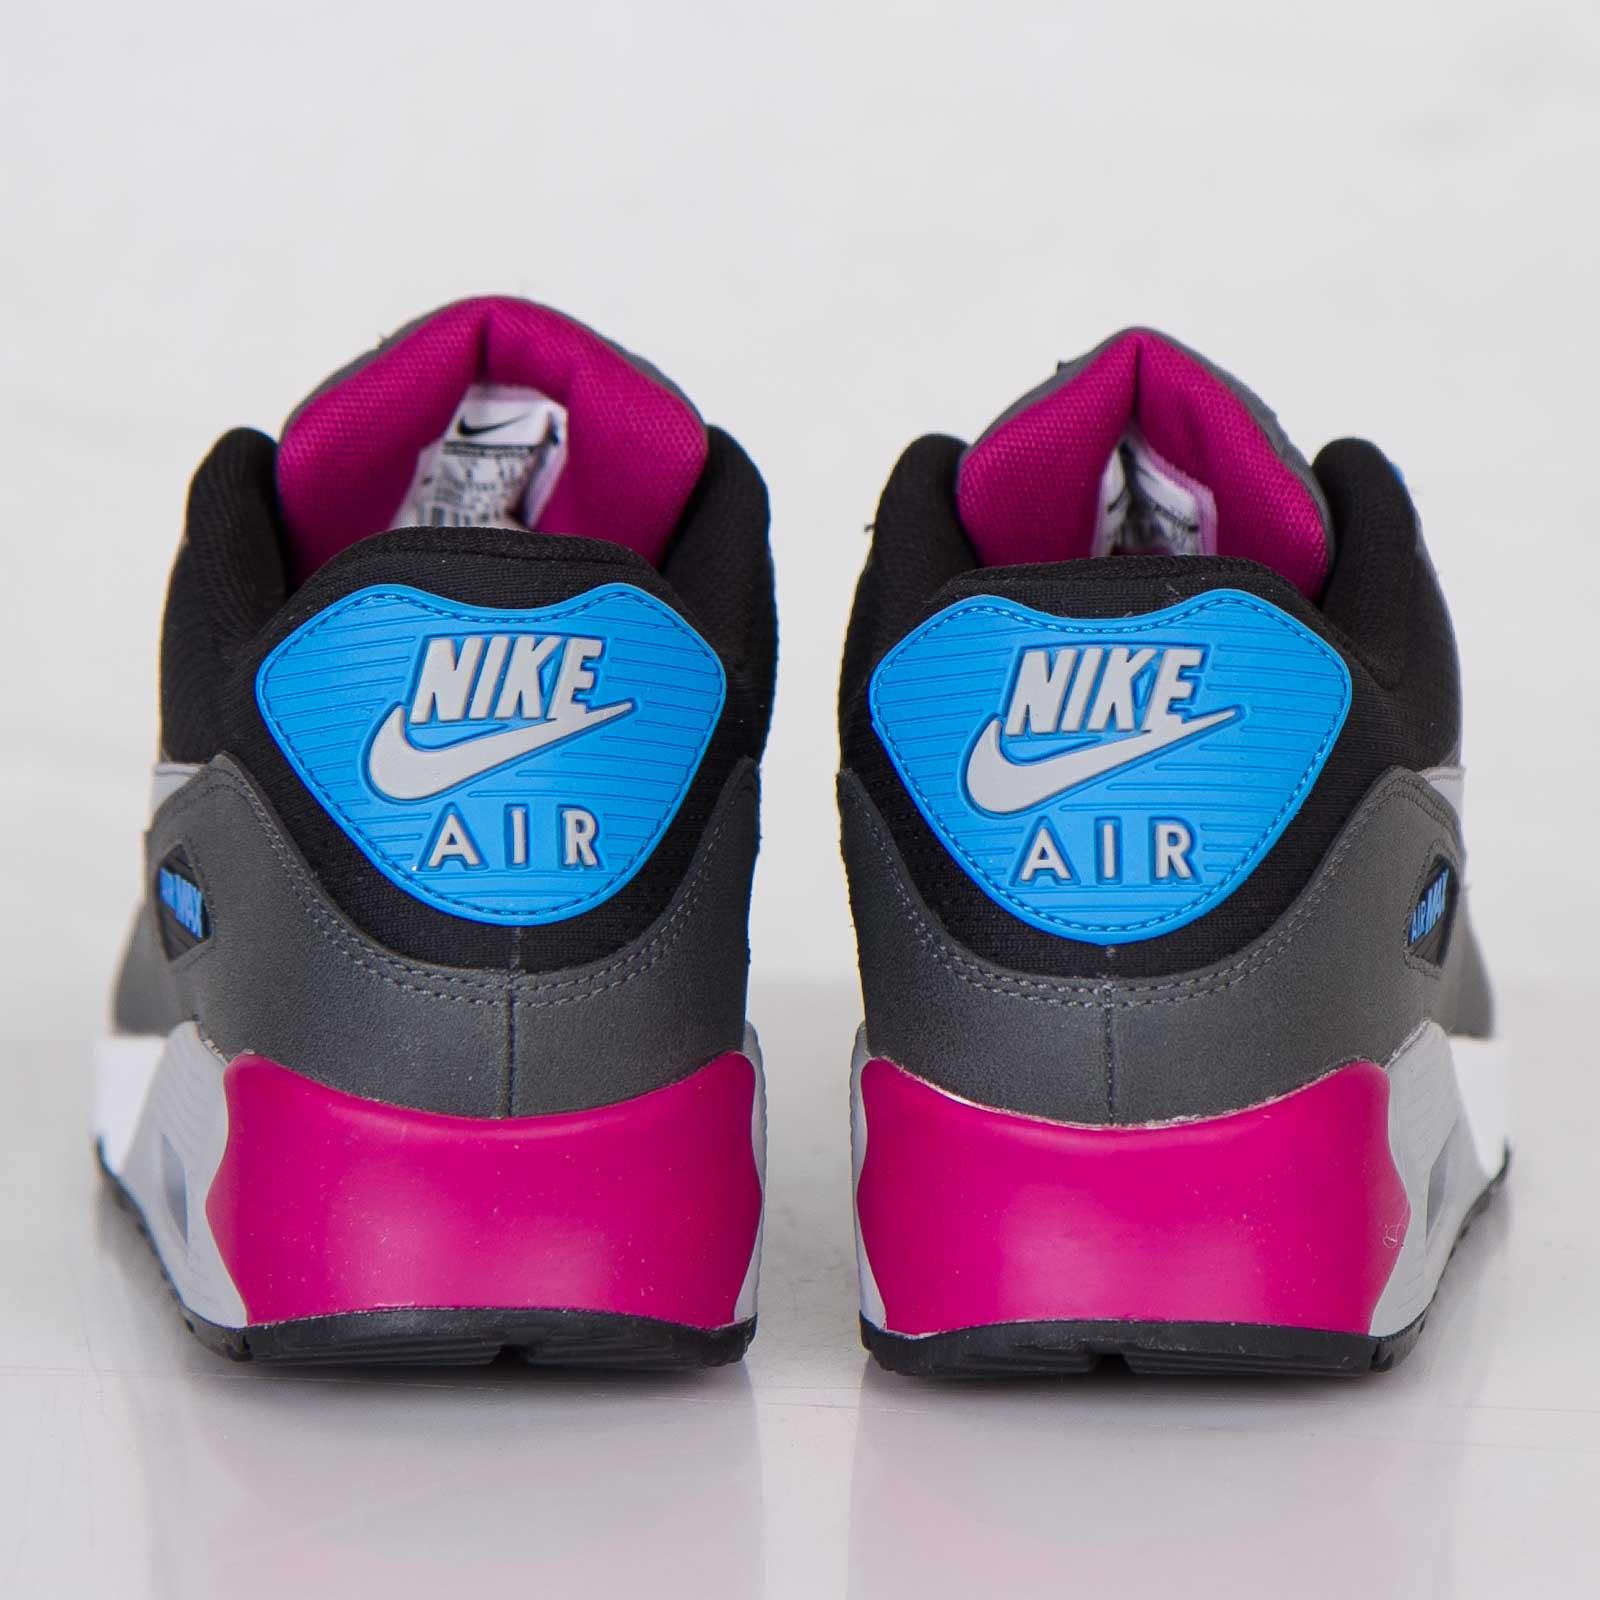 premium selection 7fca3 79eb1 Nike Air Max 90 Essential - 537384-009 - Sneakersnstuff   sneakers    streetwear online since 1999